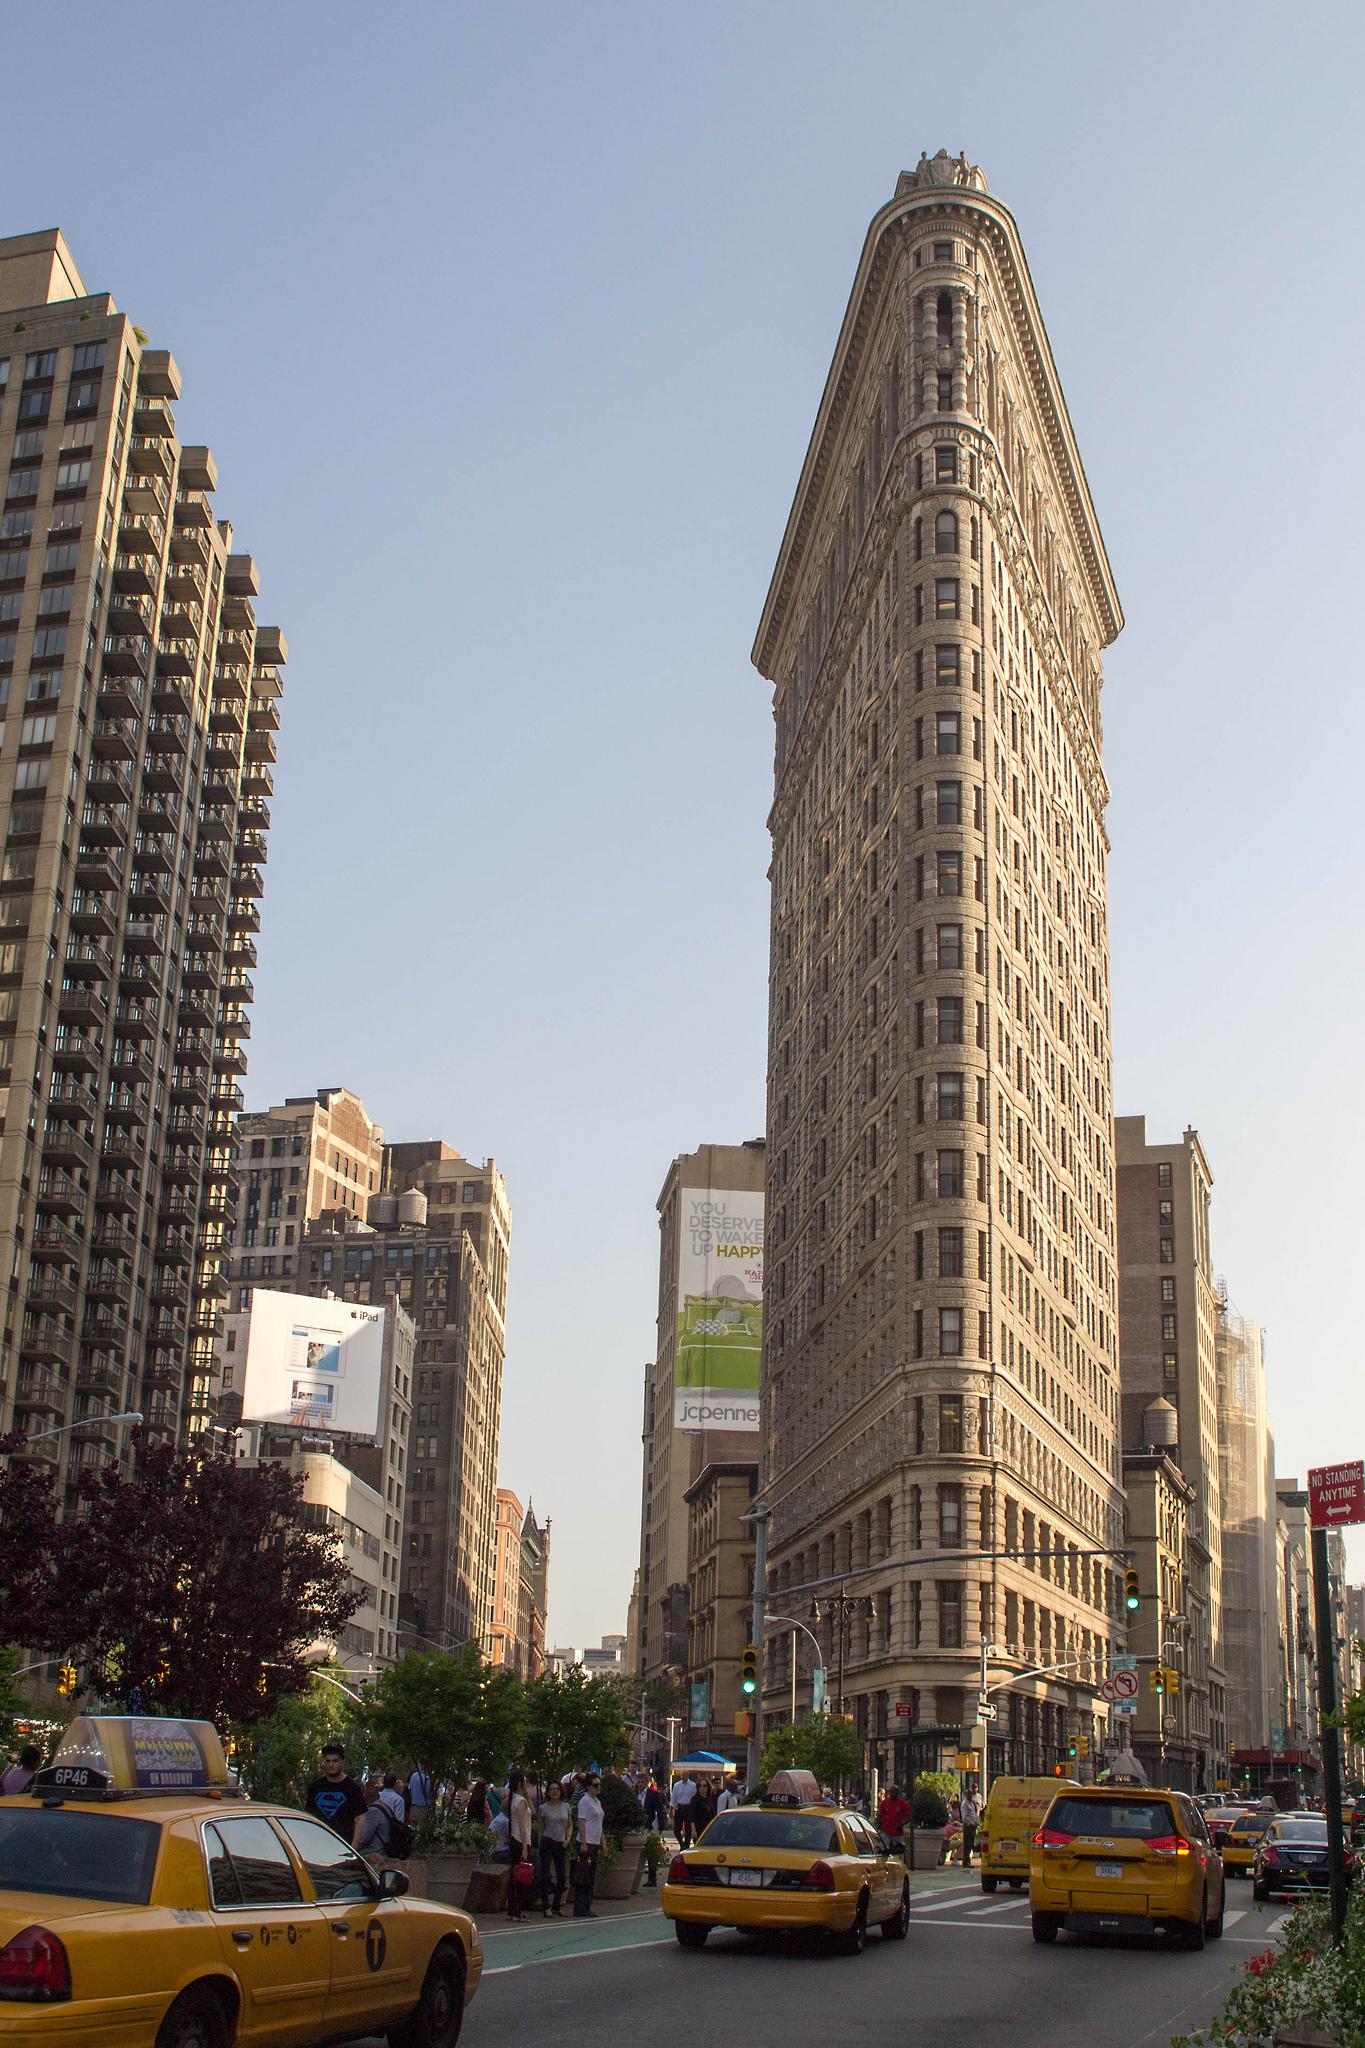 flatiron building new york. Black Bedroom Furniture Sets. Home Design Ideas